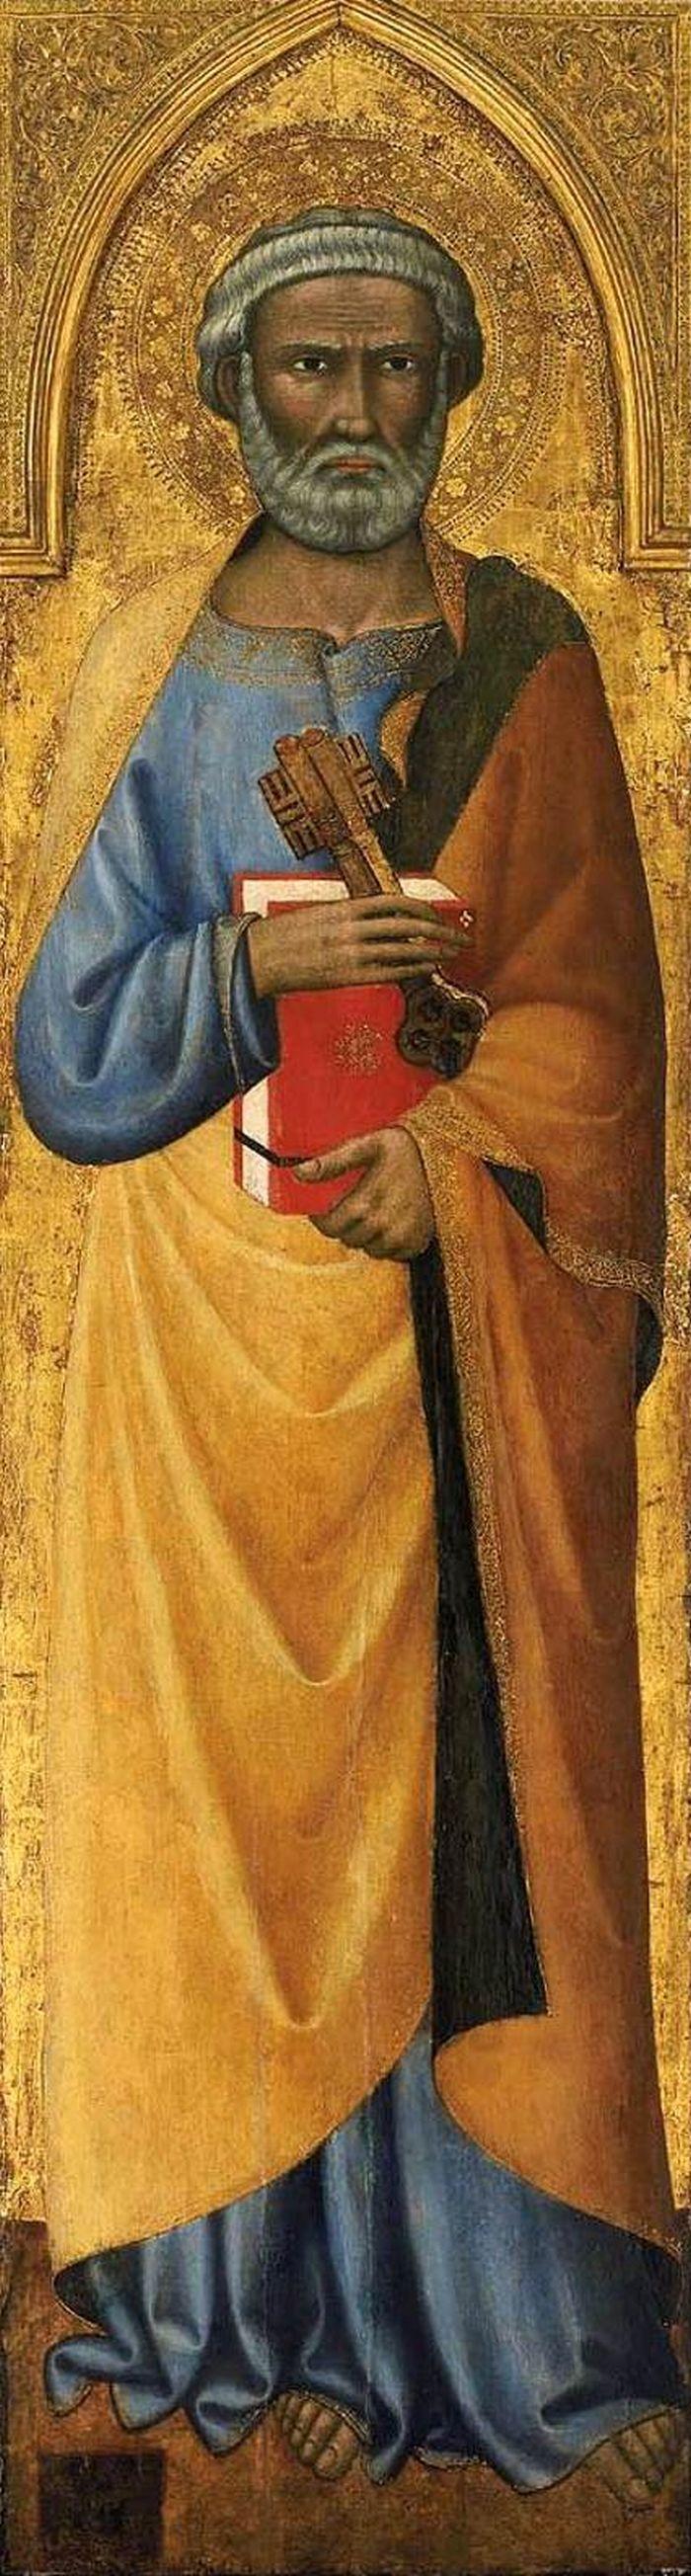 St Peter : ANDREA di Vanni d'Andrea : Art Images : Imagiva